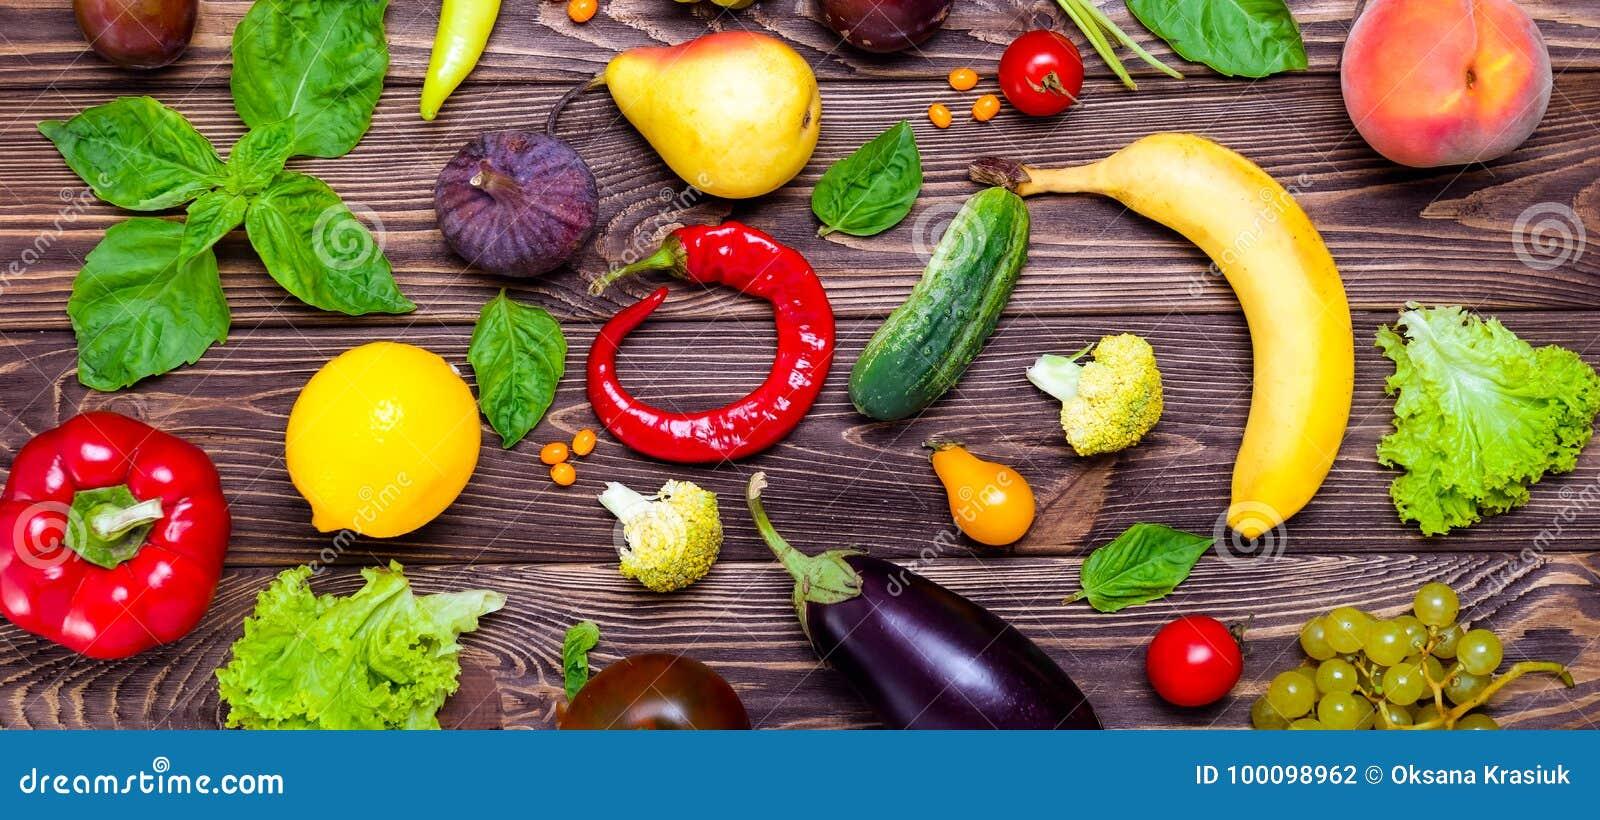 Gesunde Ernahrung Diat Detoxhintergrund Zusammenstellung Von